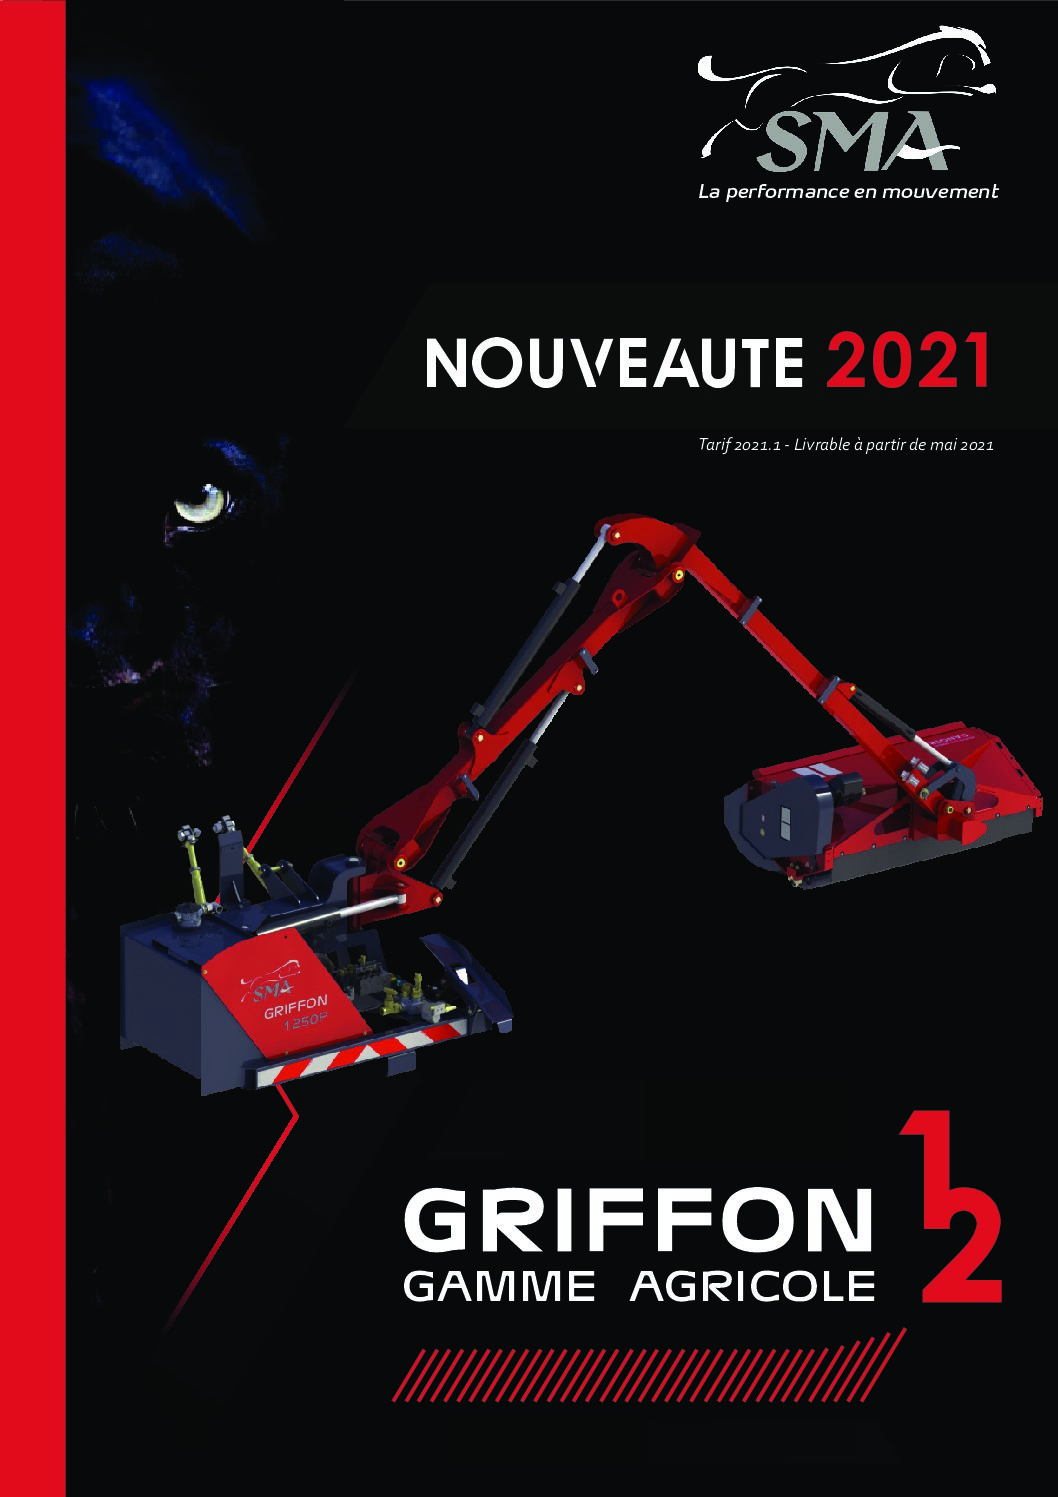 NOUVELLE GAMME GRIFFON 12